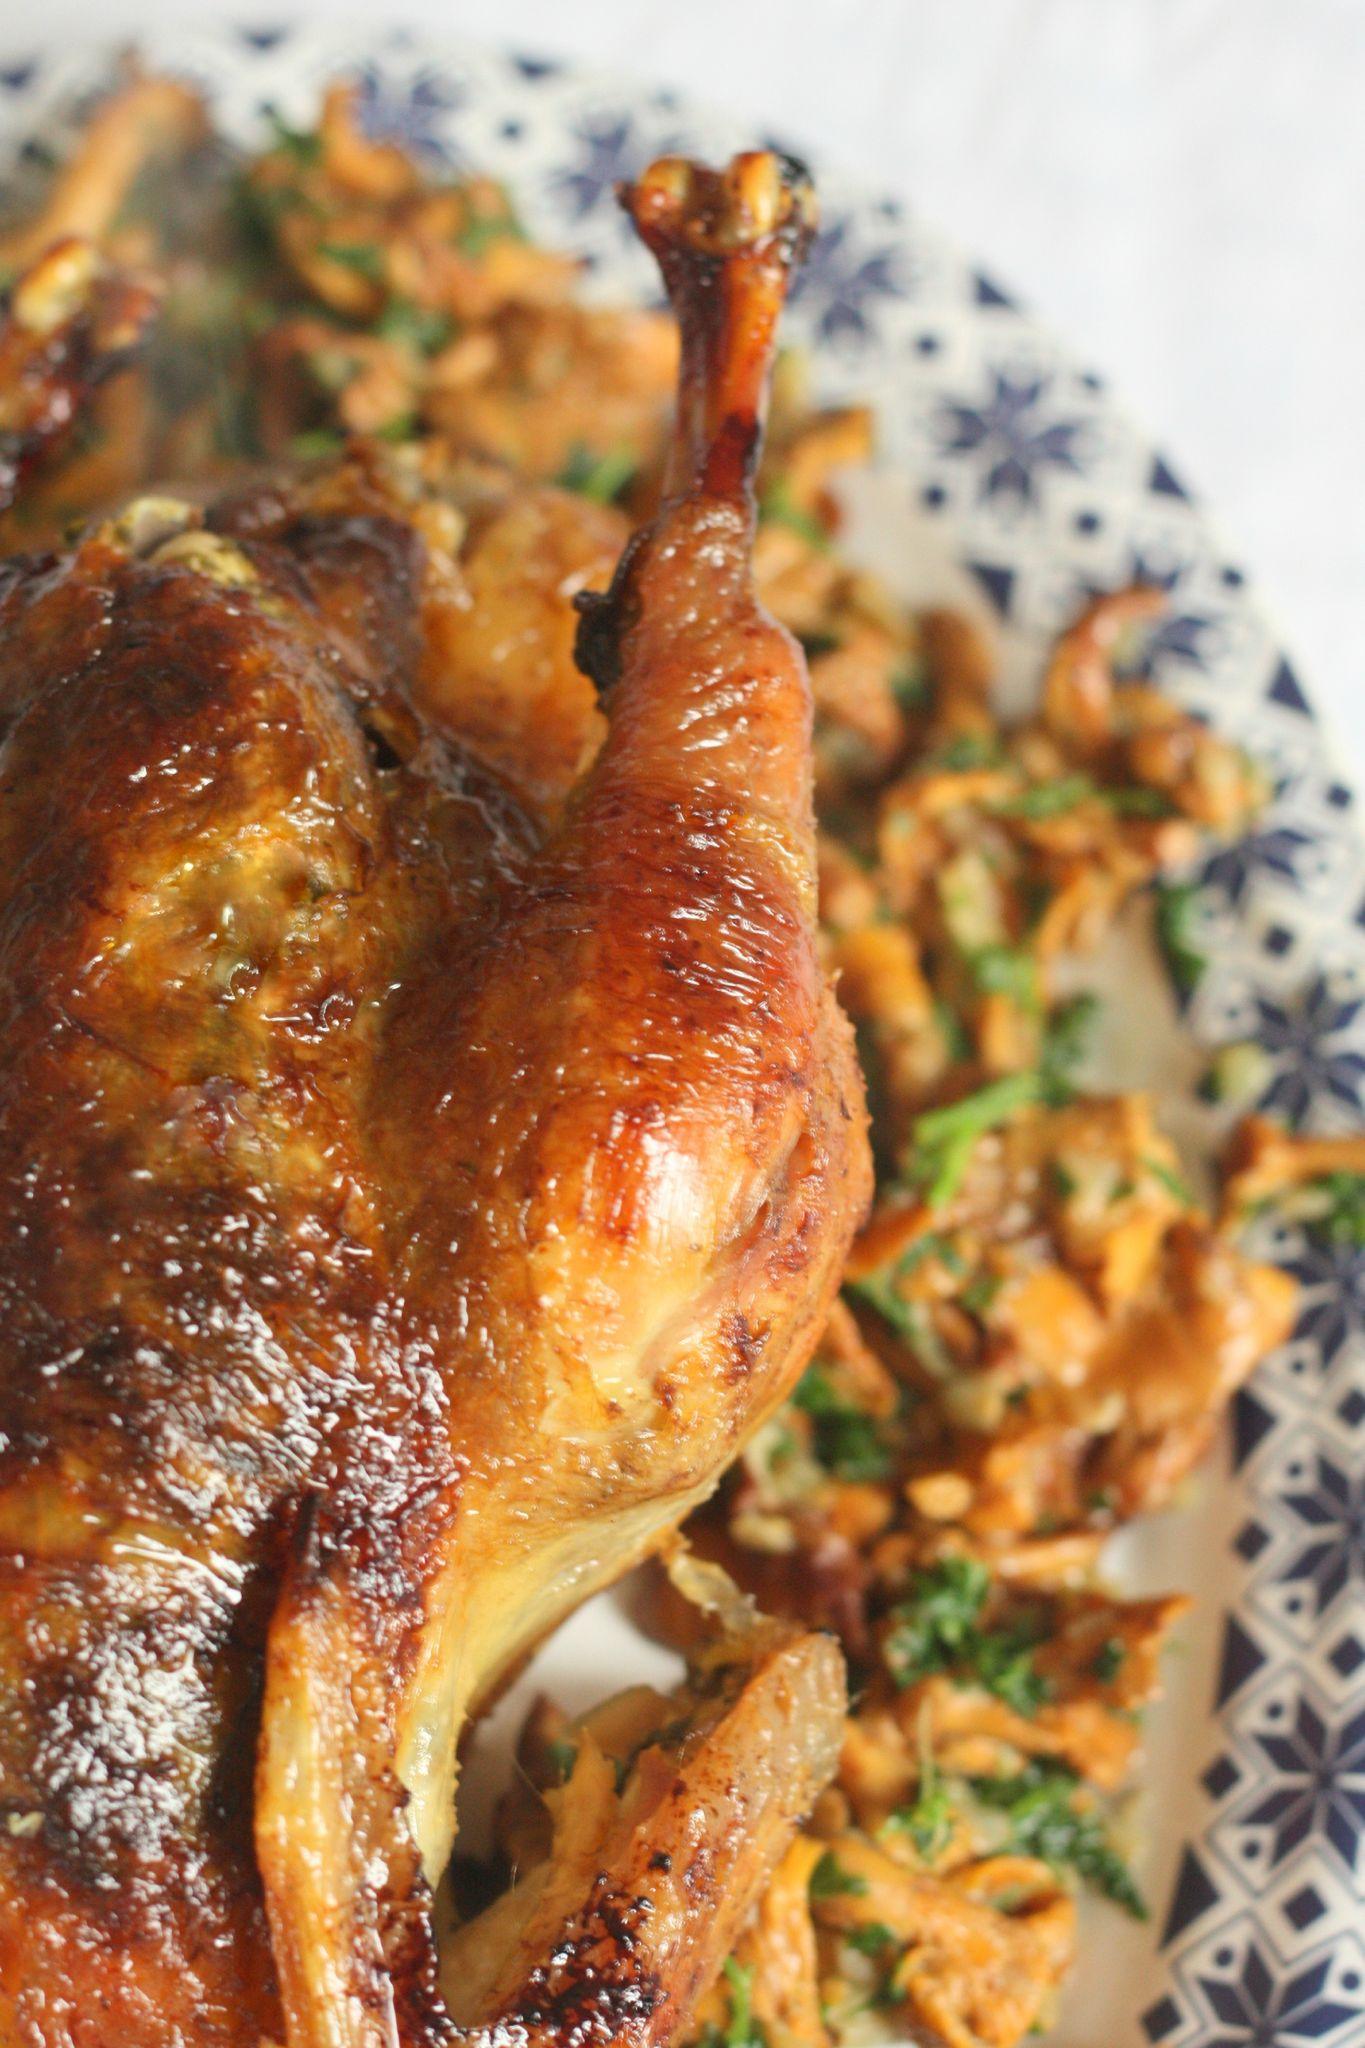 Cuisson Poularde Au Four : cuisson, poularde, Poularde, Bresse, Farcie, Beurre, D'herbes, Requia,, Cuisine, Confidences